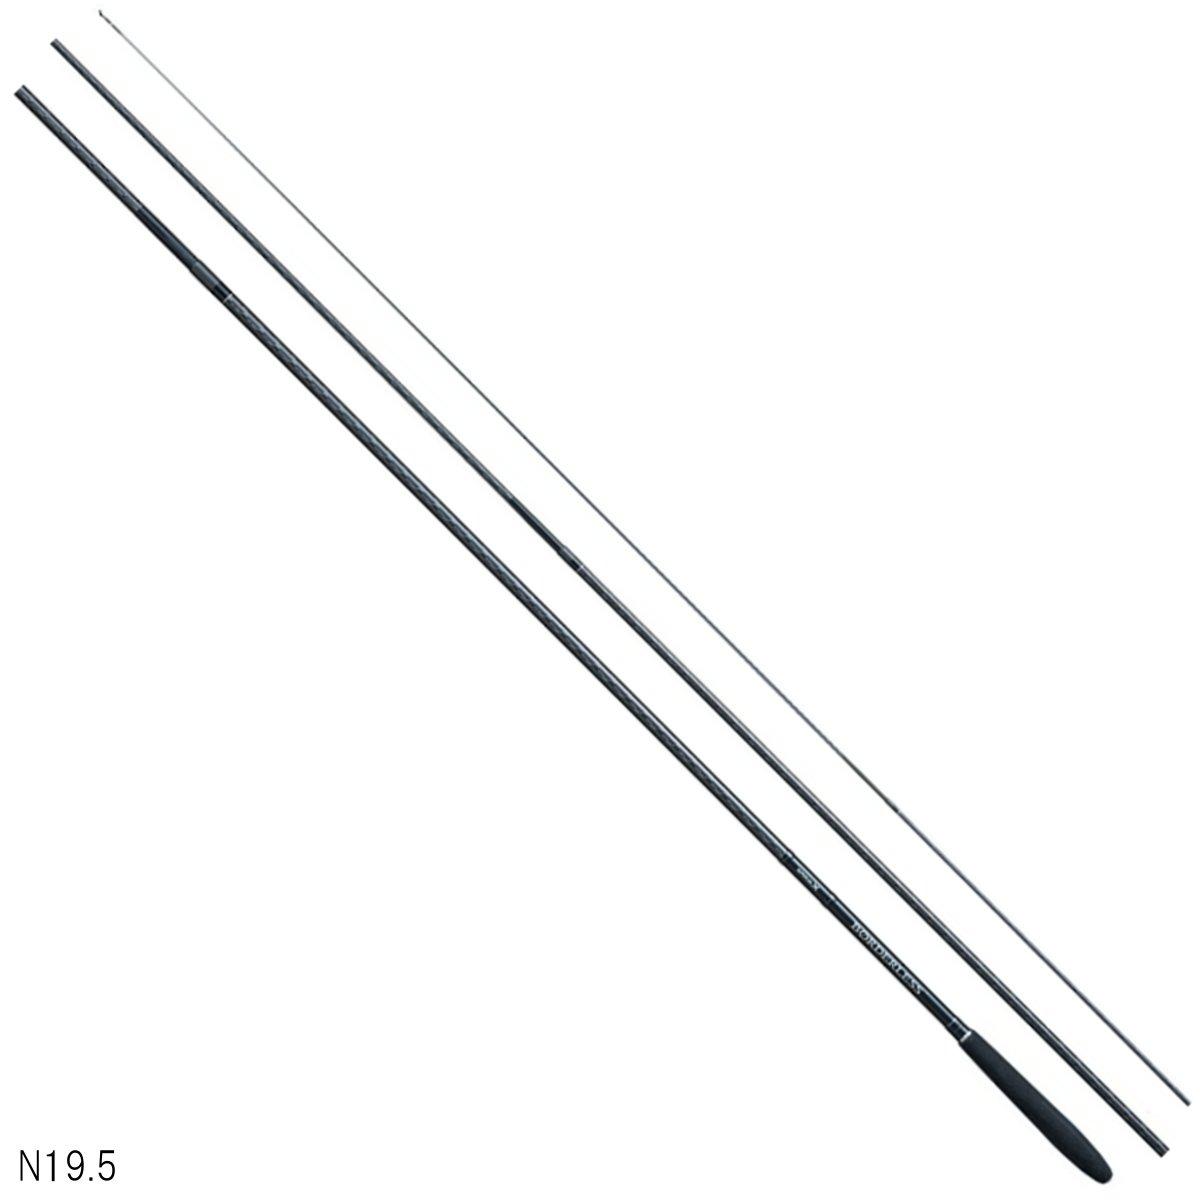 シマノ ボーダレスGL(ガイドレス仕様・Nモデル) N19.5(東日本店)